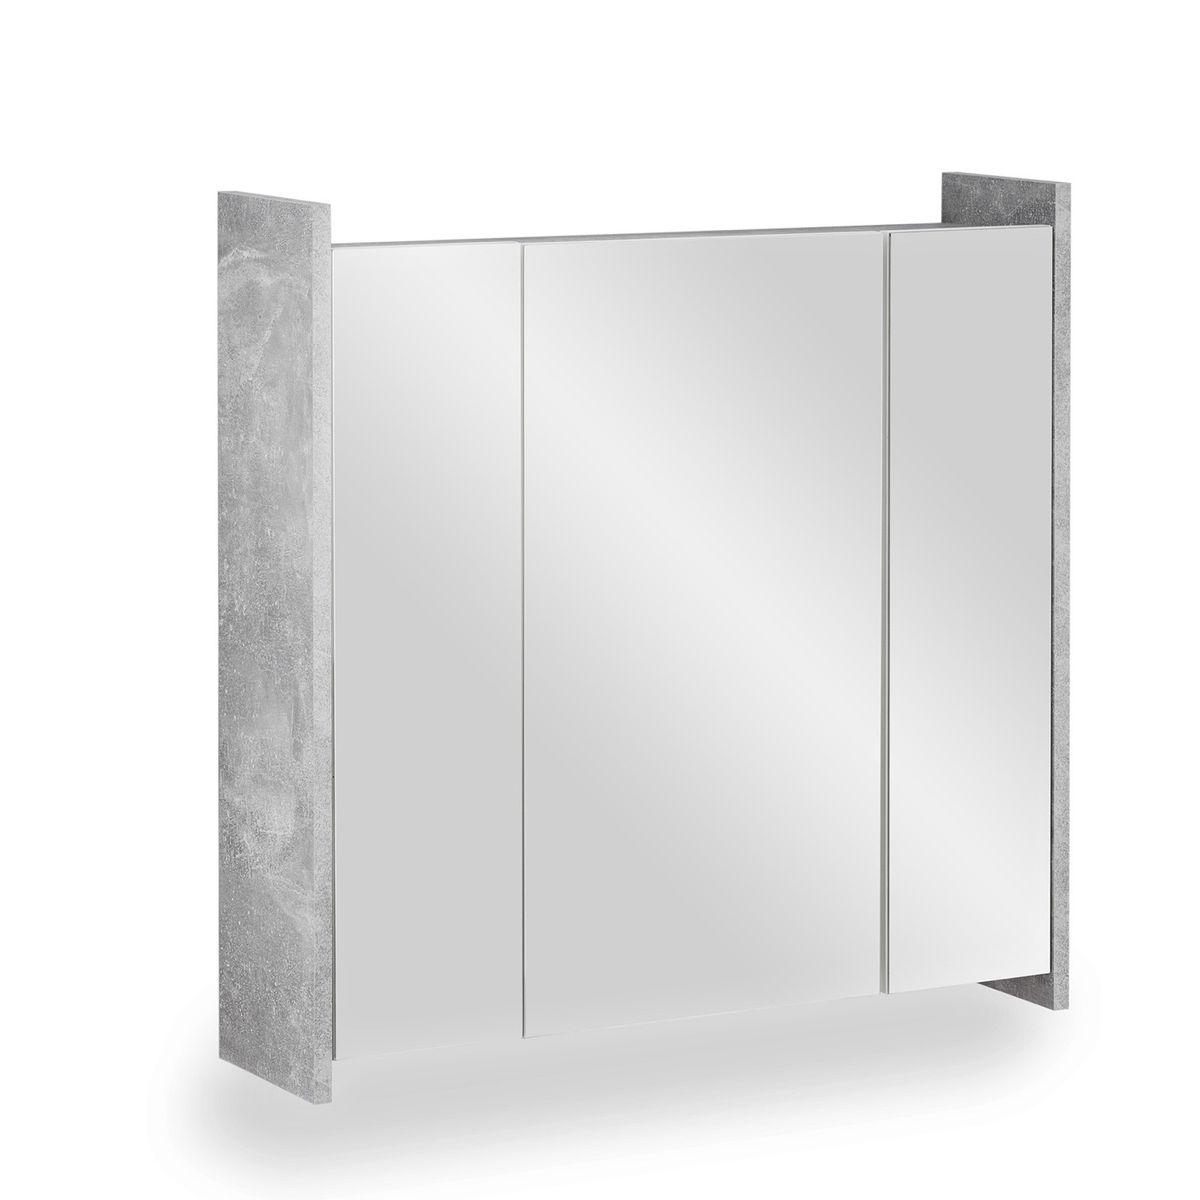 Spiegelschrank FROSTI 70 cm Beton Weiß – Bild 1